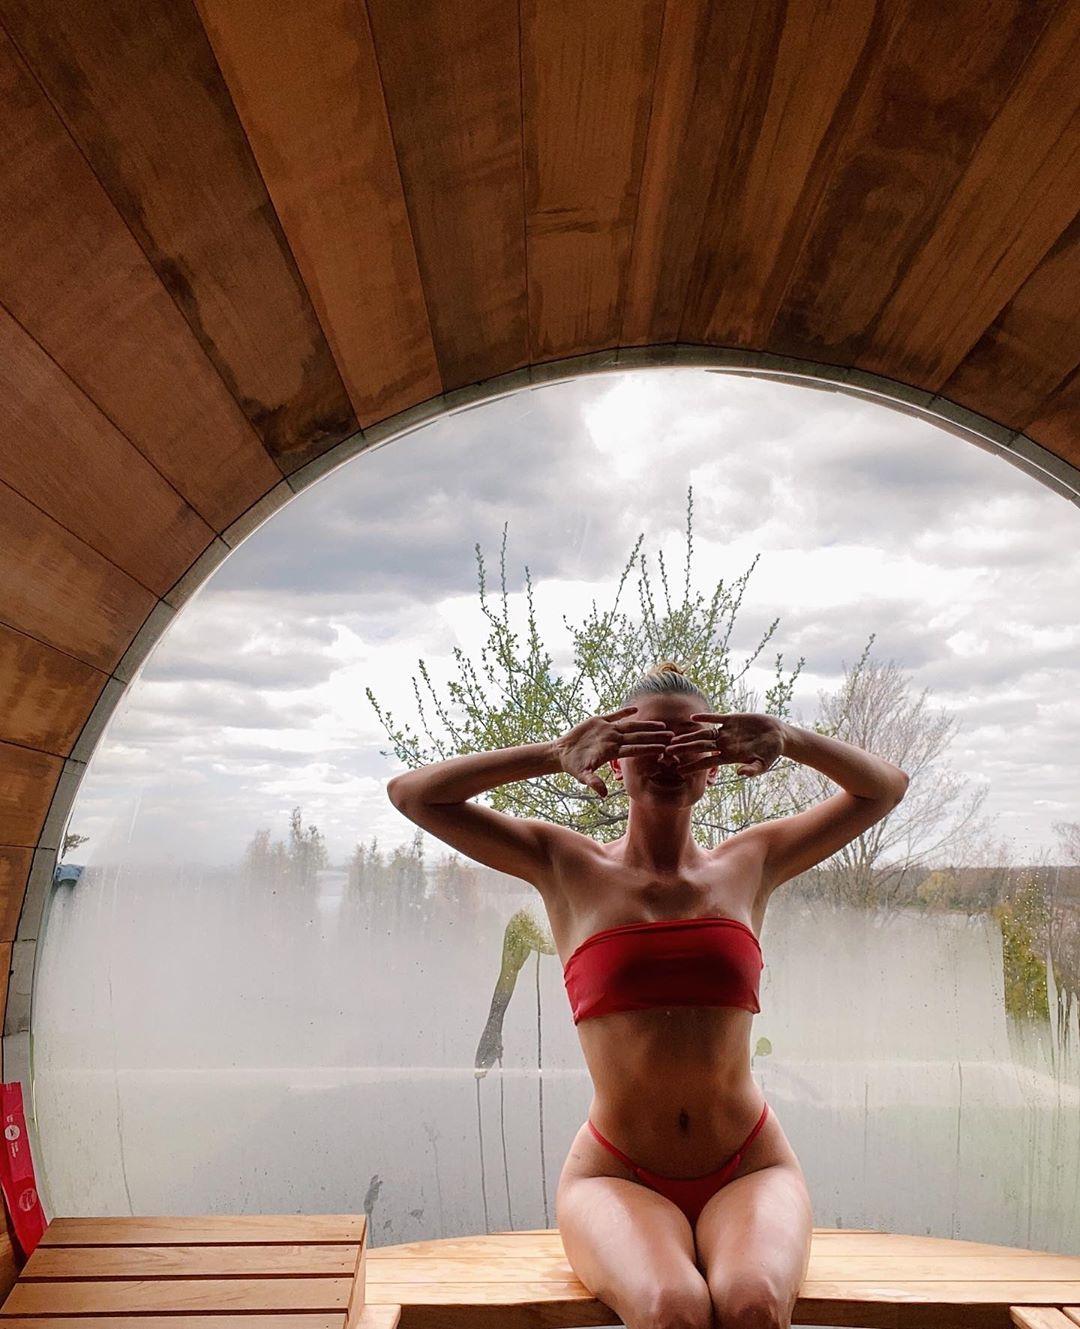 Η Hailey Baldwin ποζάρει με κόκκινο μικροσκοπικό μπικίνι σε σάουνα